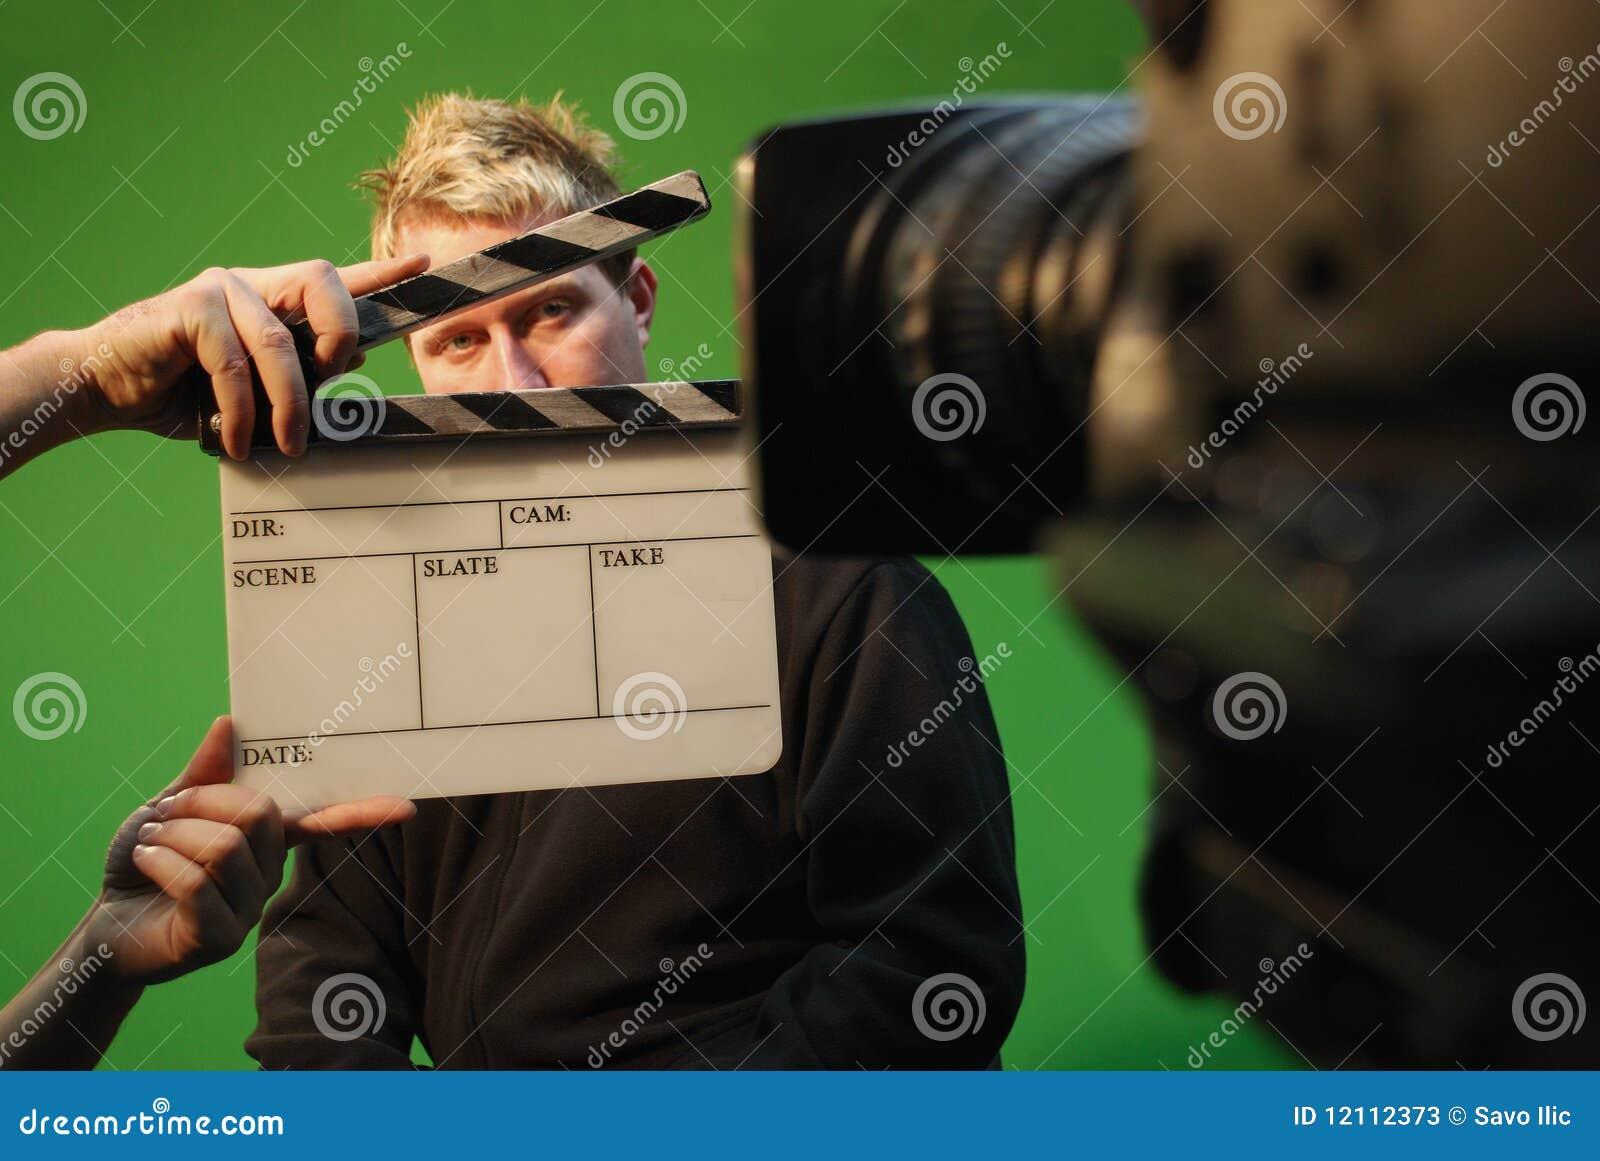 Actor de cine